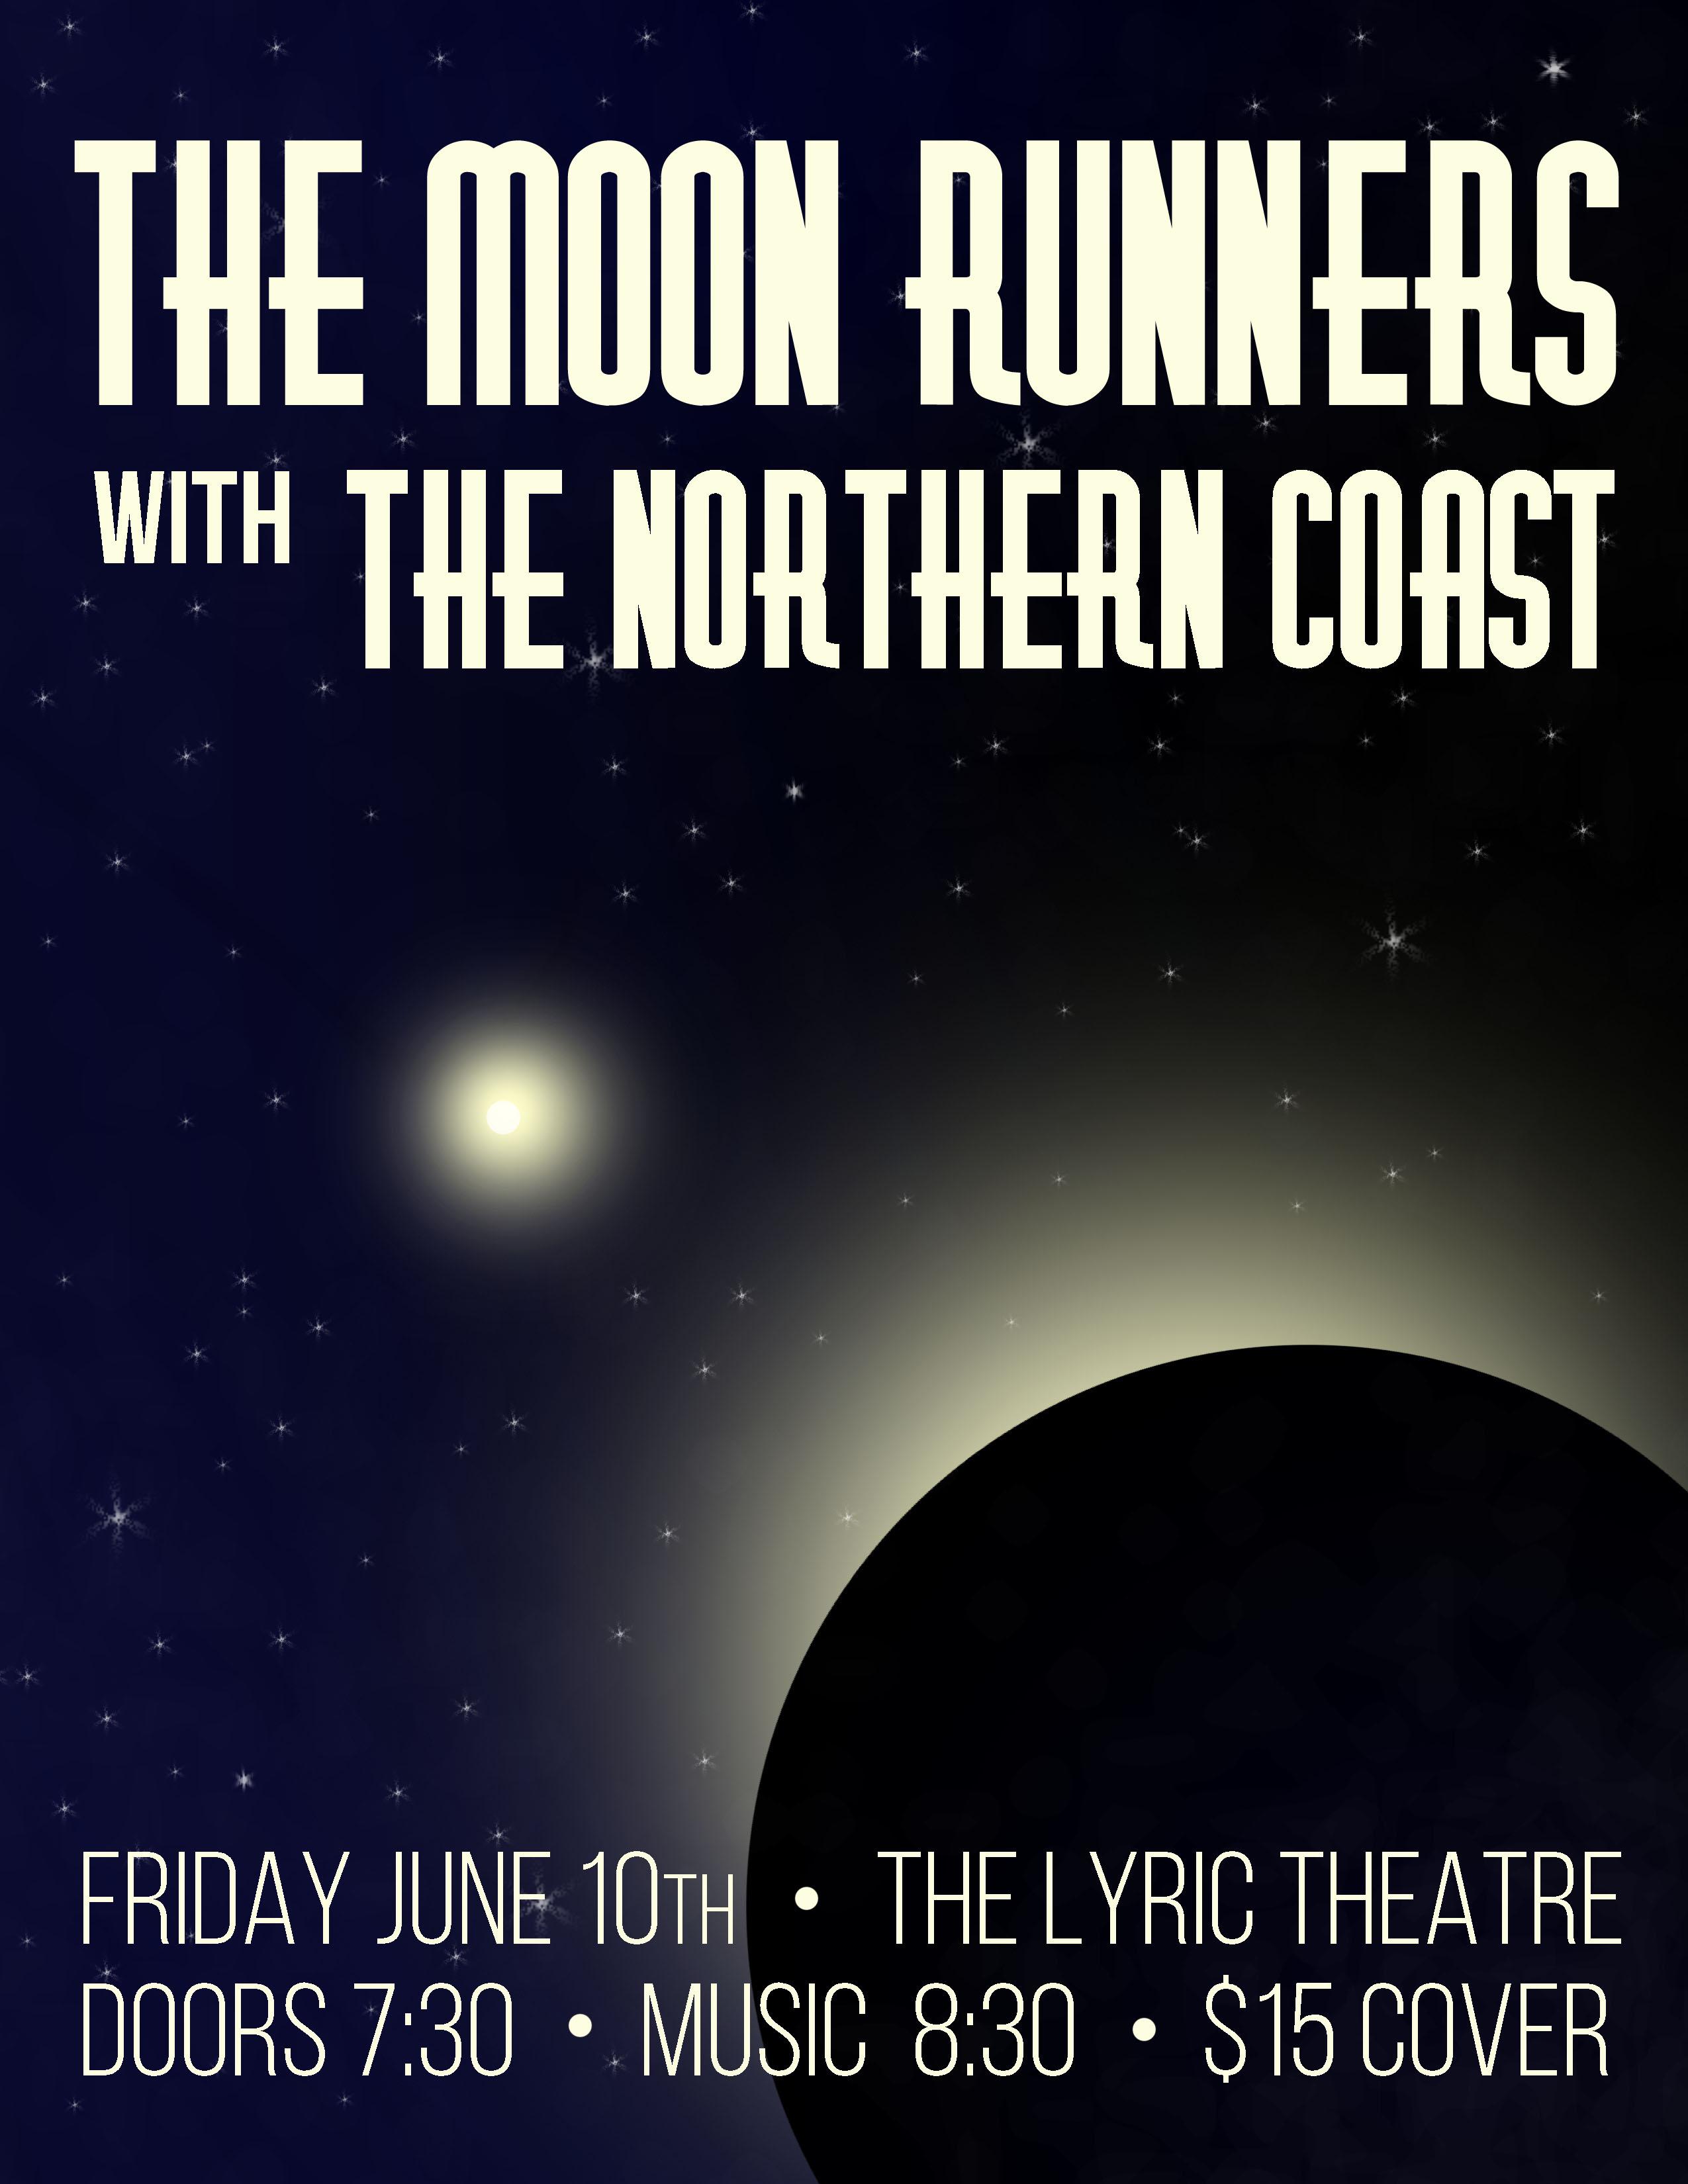 Moon Runners Poster, Jun 2016